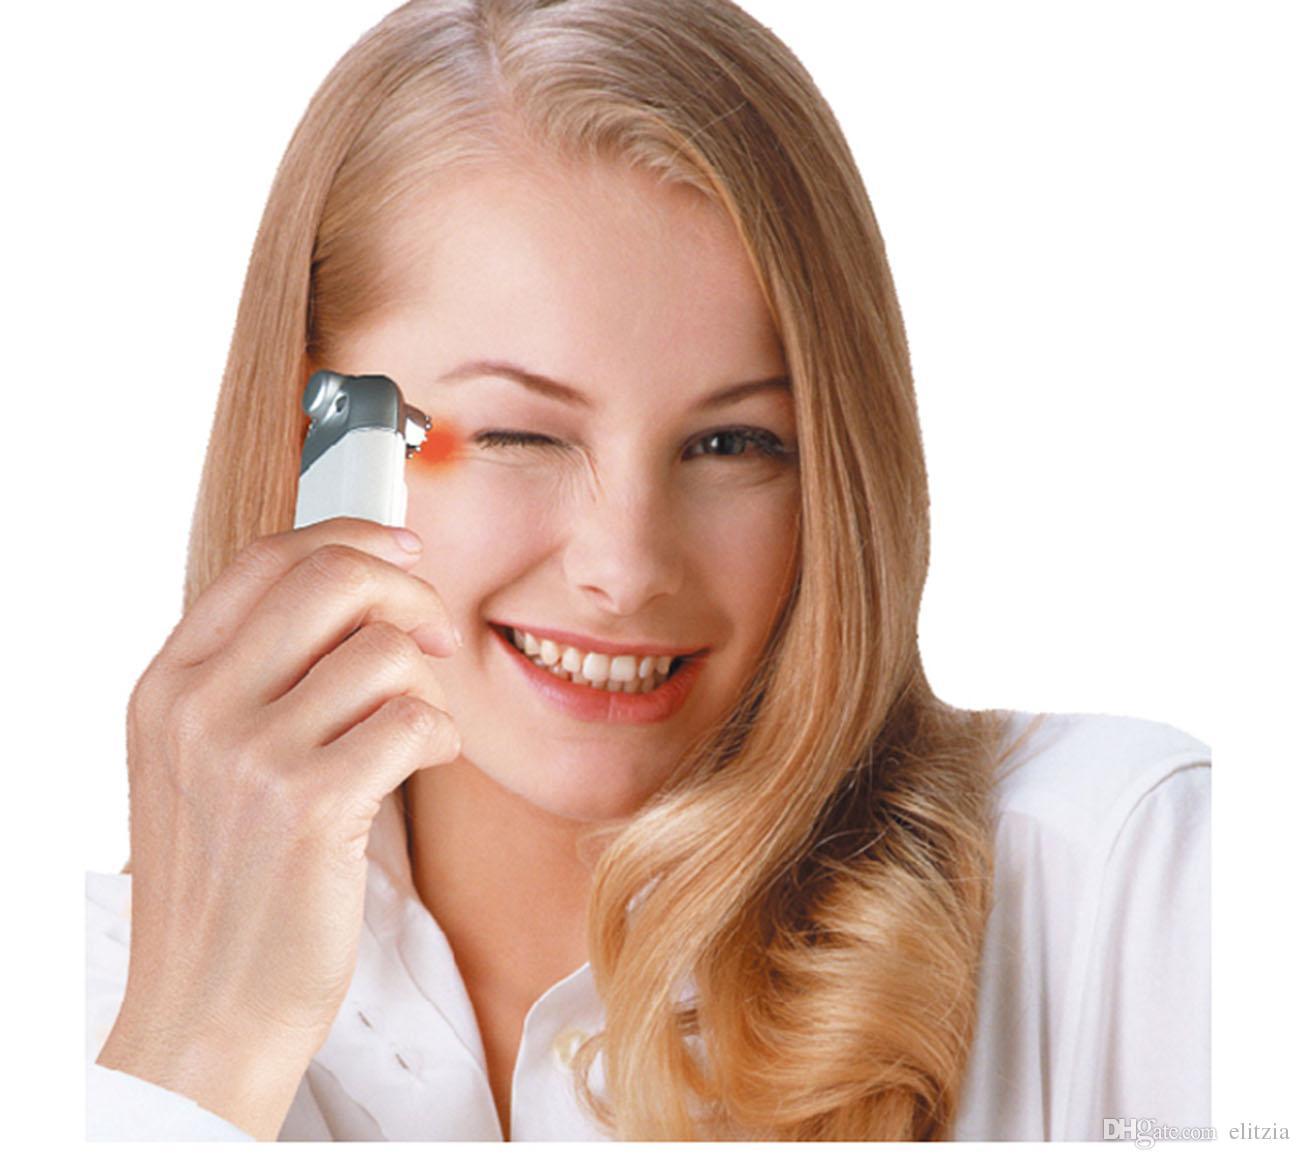 Elitzia ET8900 LED luminothérapie bio micro lumière rouge actuelle Supprimer rides des yeux